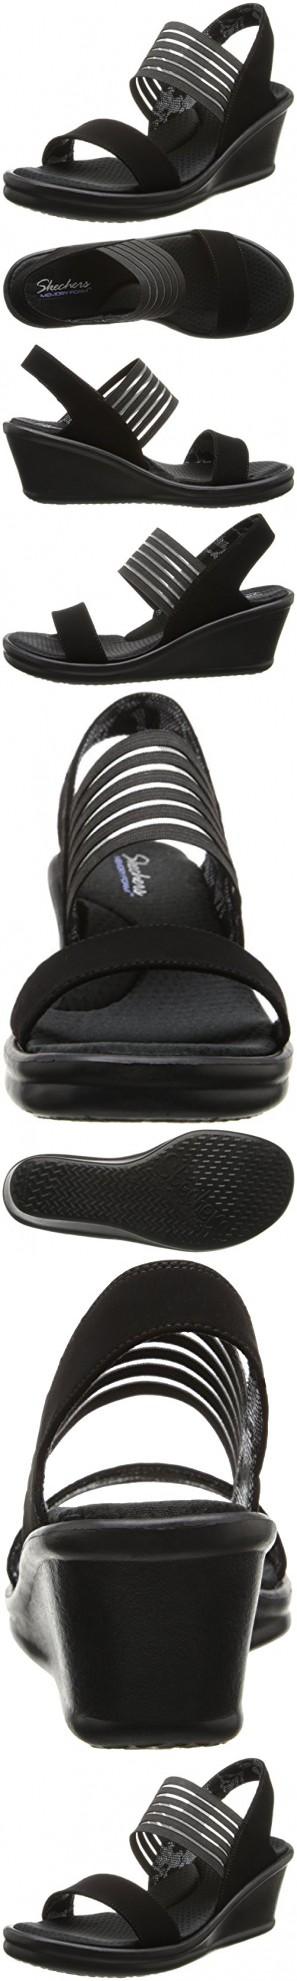 f562b7cc9eda42 Skechers Cali Women s Rumblers Sci-Fi Wedge Sandal